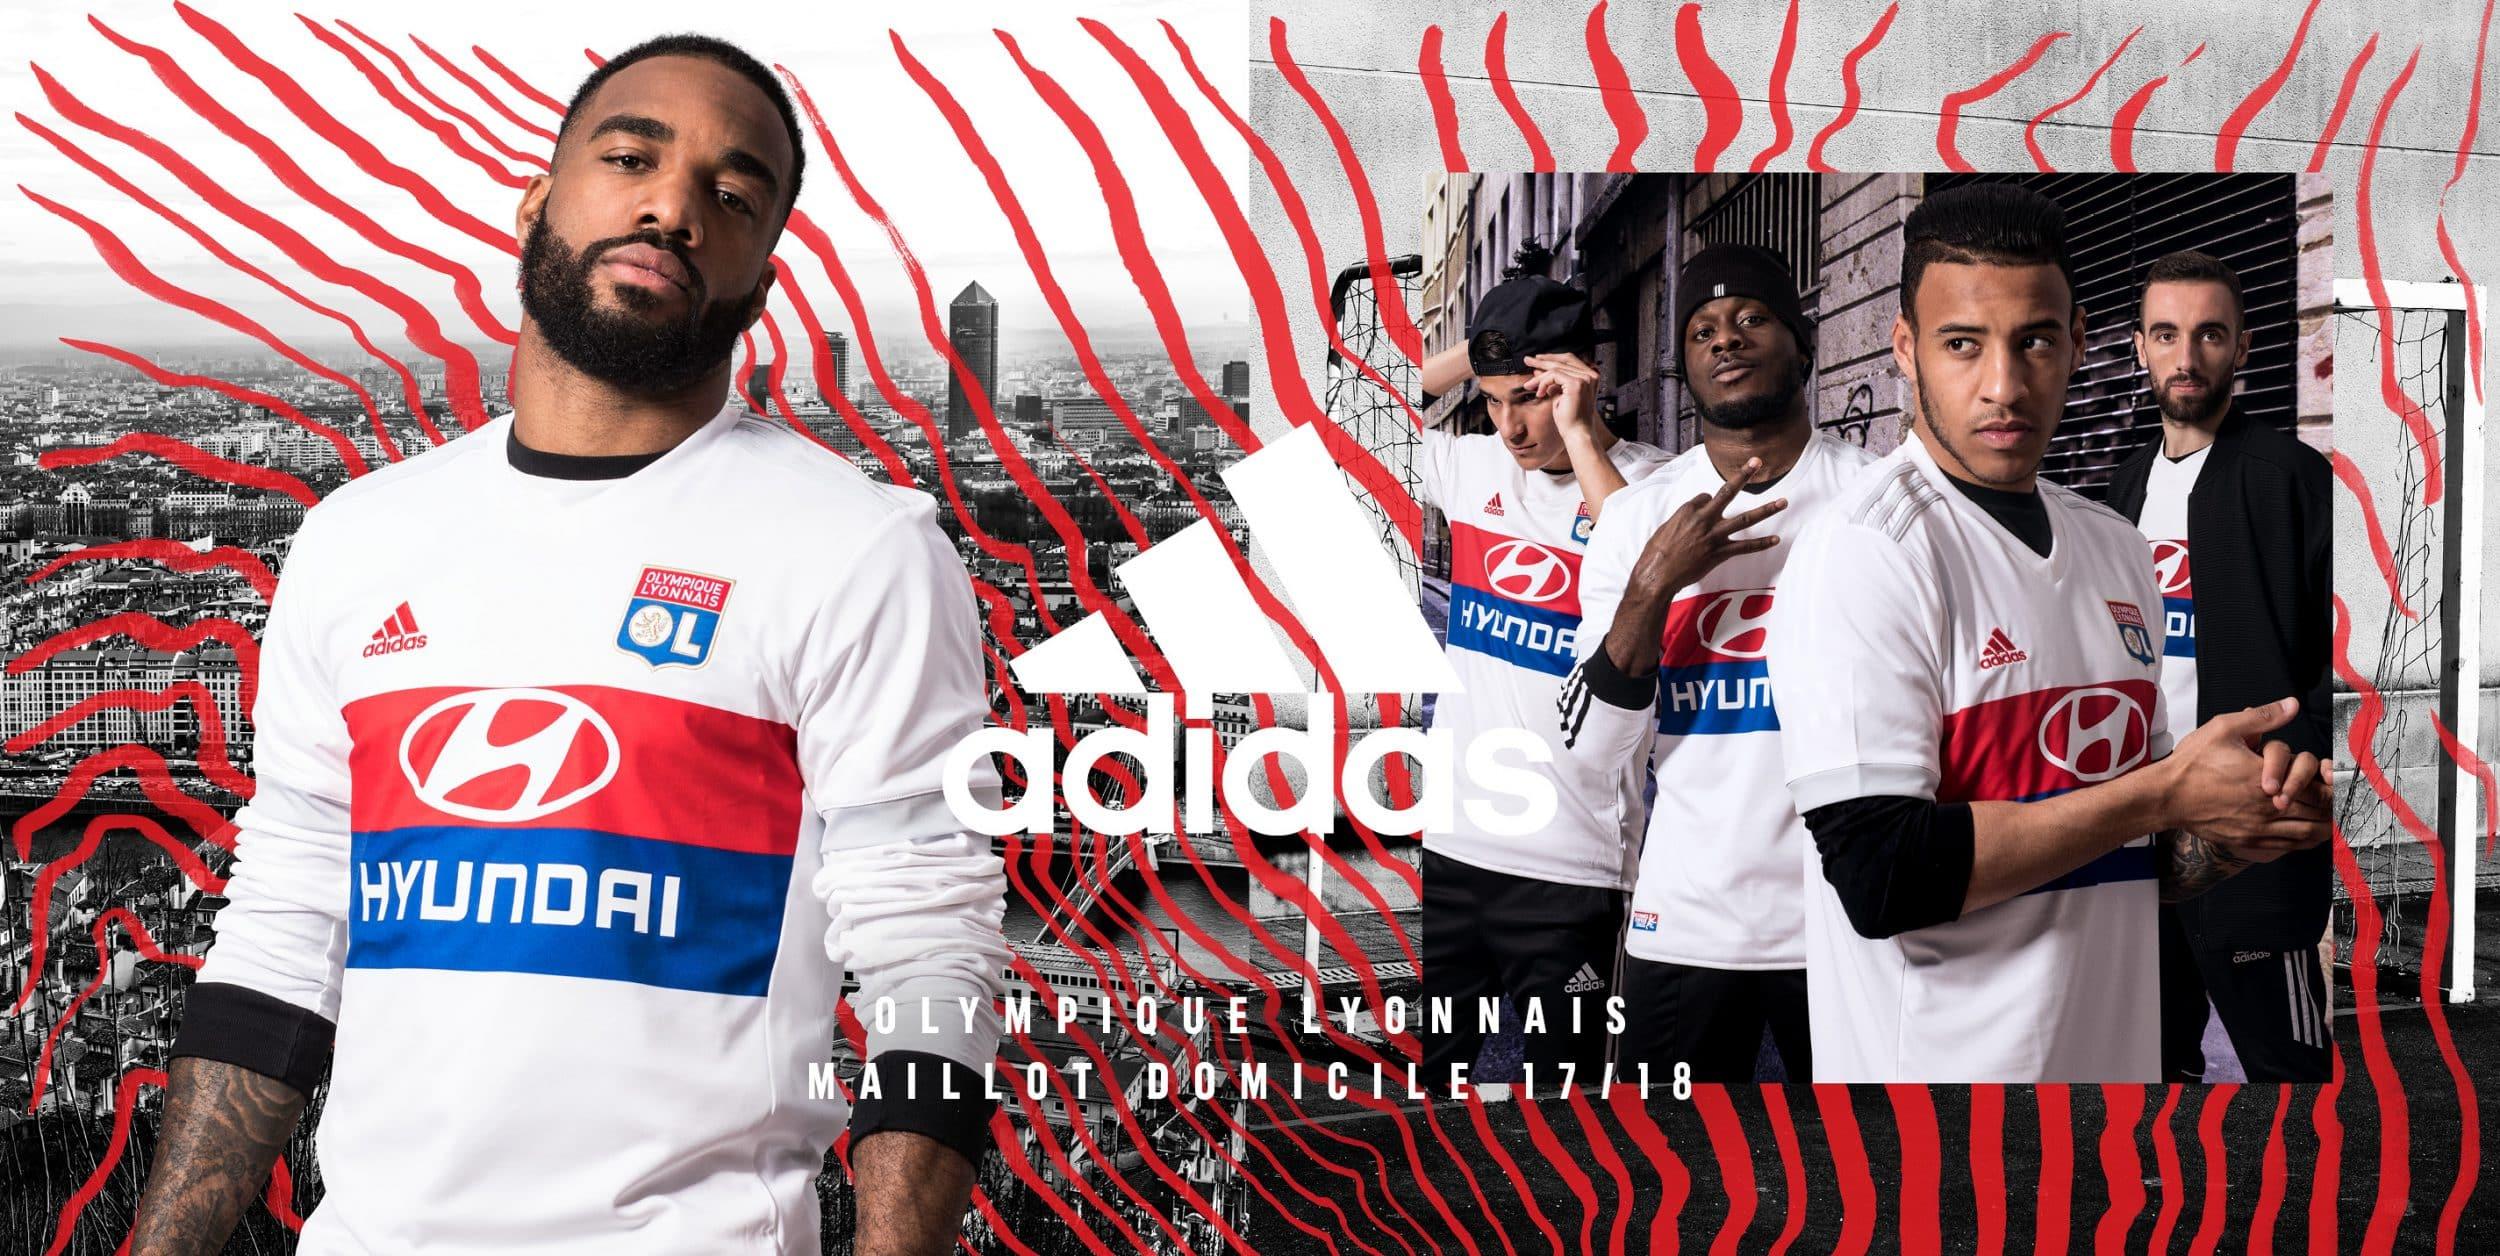 maillot-domicile-olympique-lyonnais-lyon-adidas-2017-2018